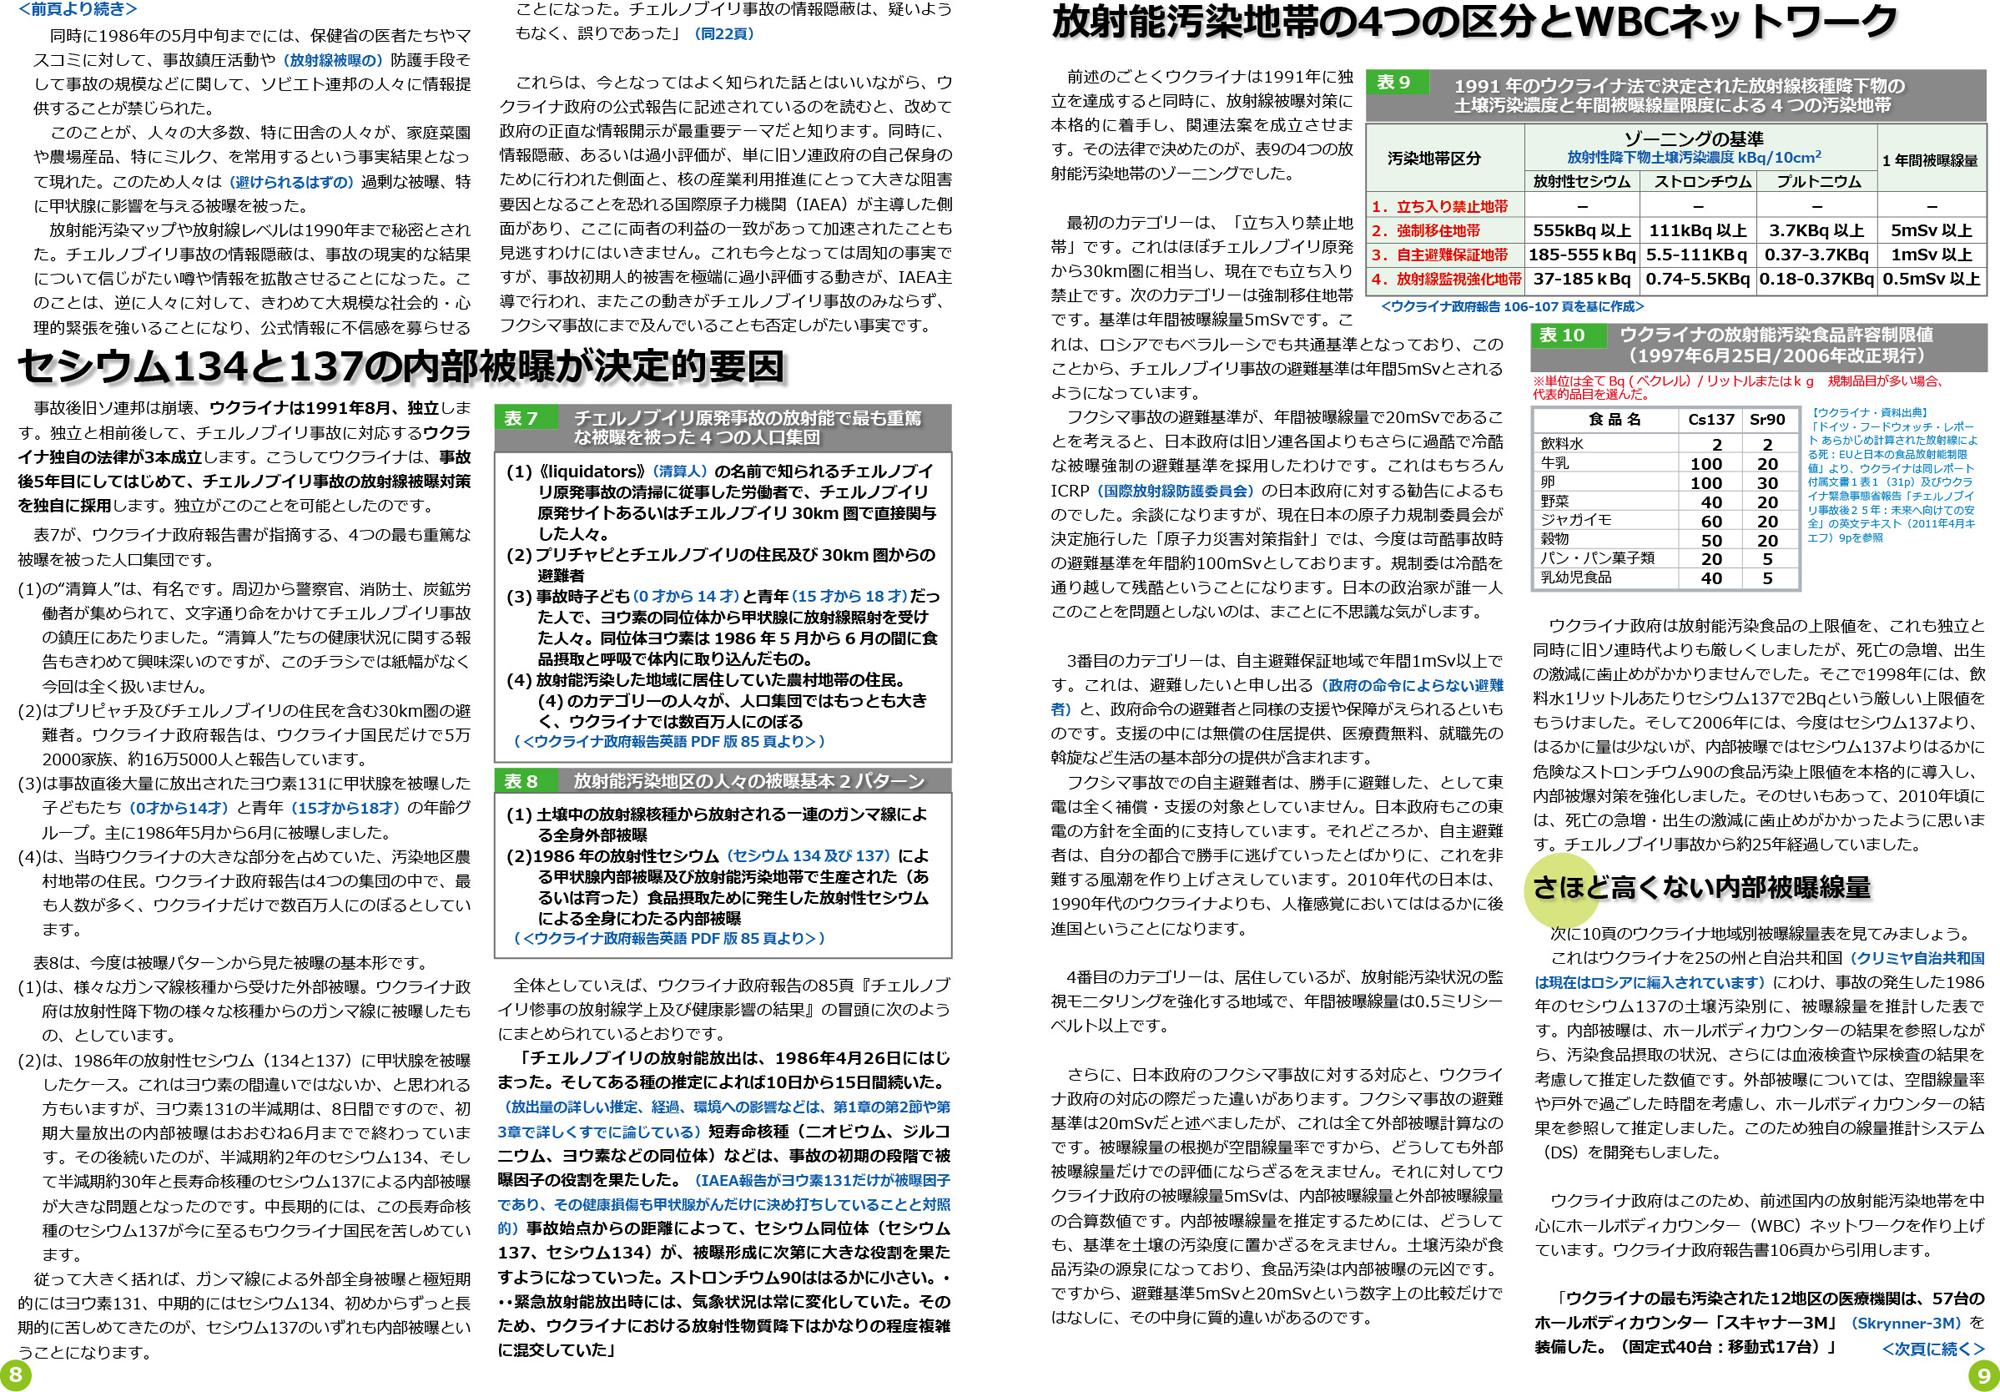 ファイル 63-5.jpg